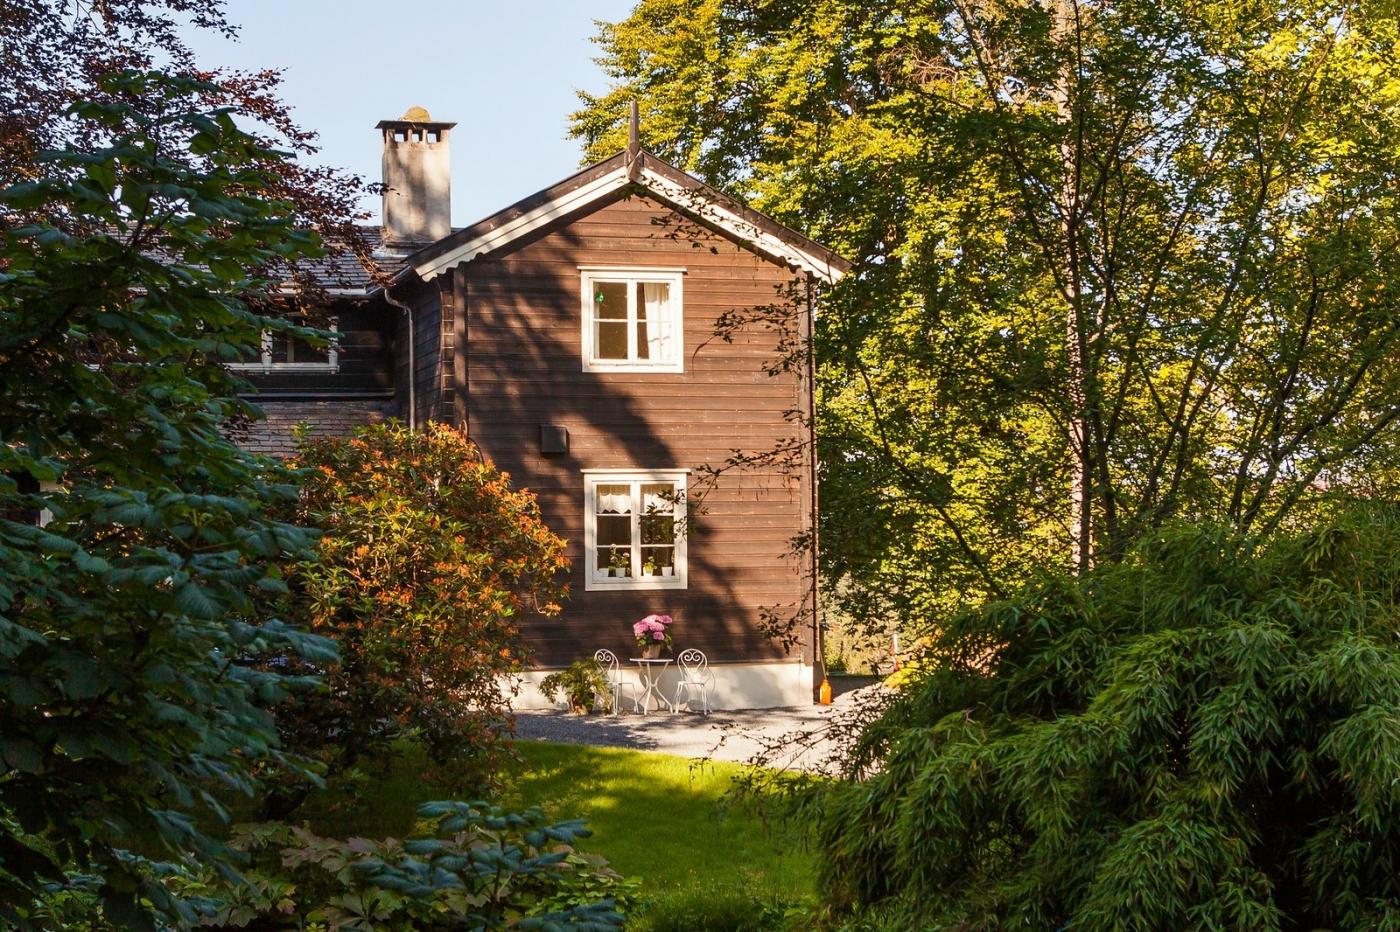 挪威作曲家爱德华-格里格,故居环境很漂亮_图1-10